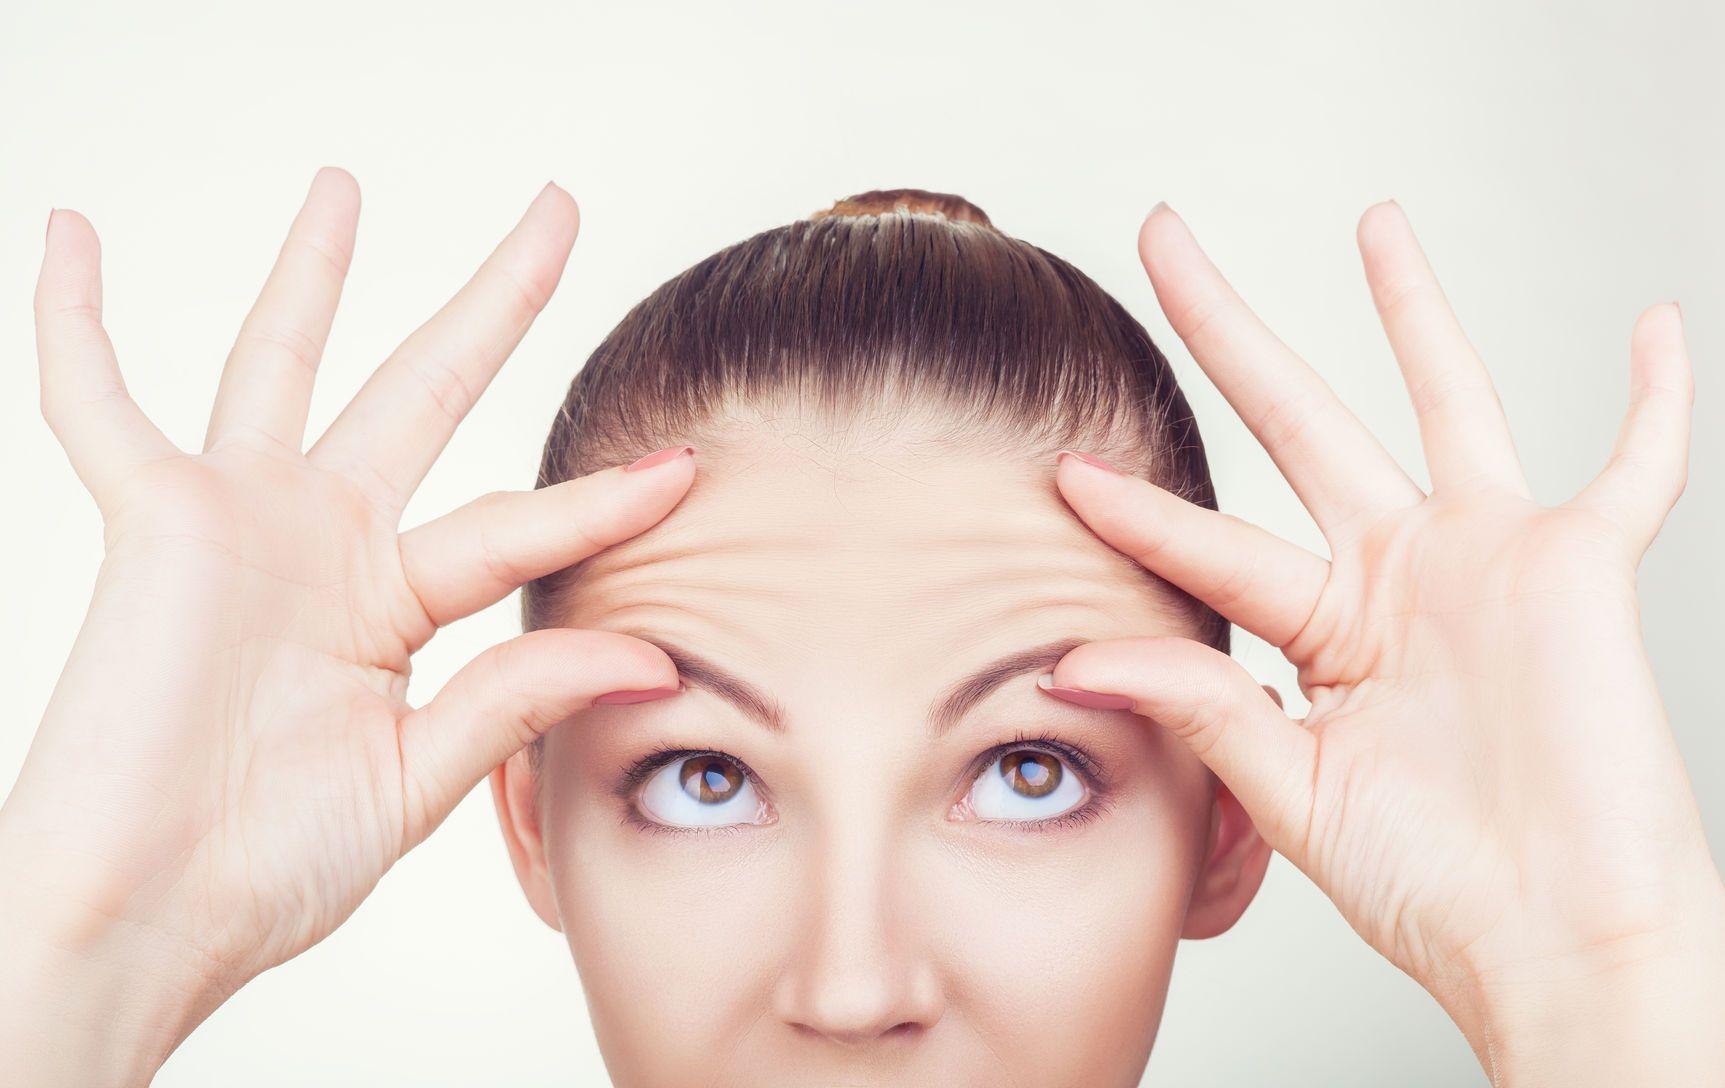 Secretos-cuidados-antiarrugas-piel-2017